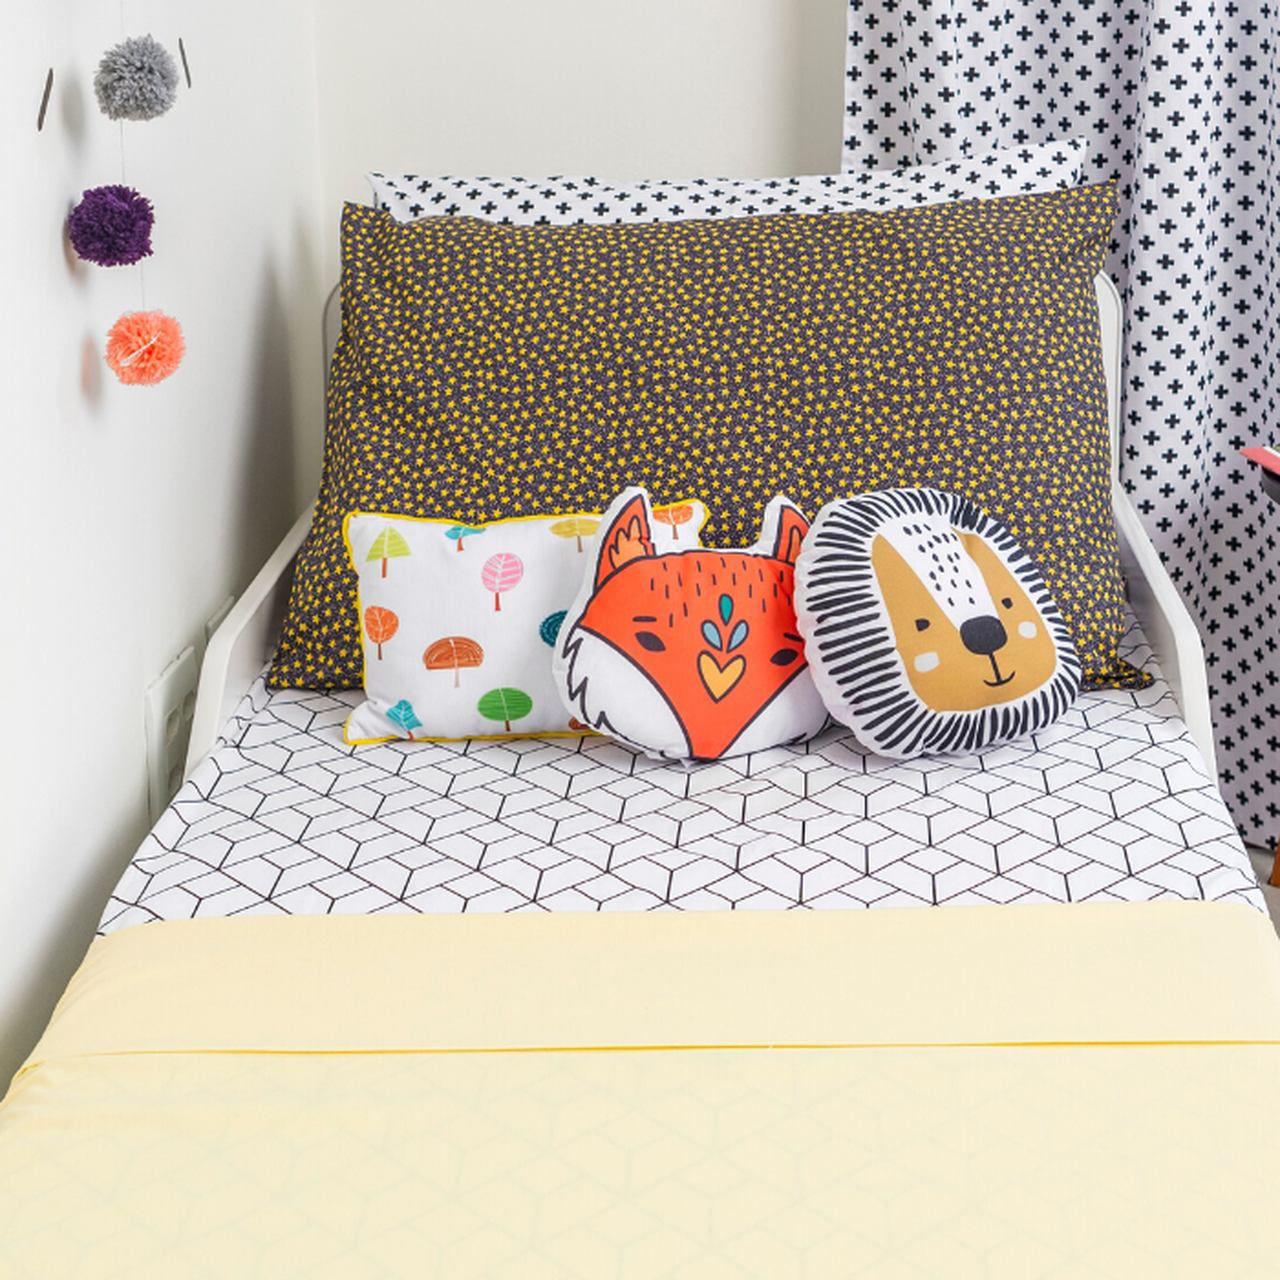 Lençol de cobrir berço 100% algodão, 105 x 145 cm cor Amarelo canário